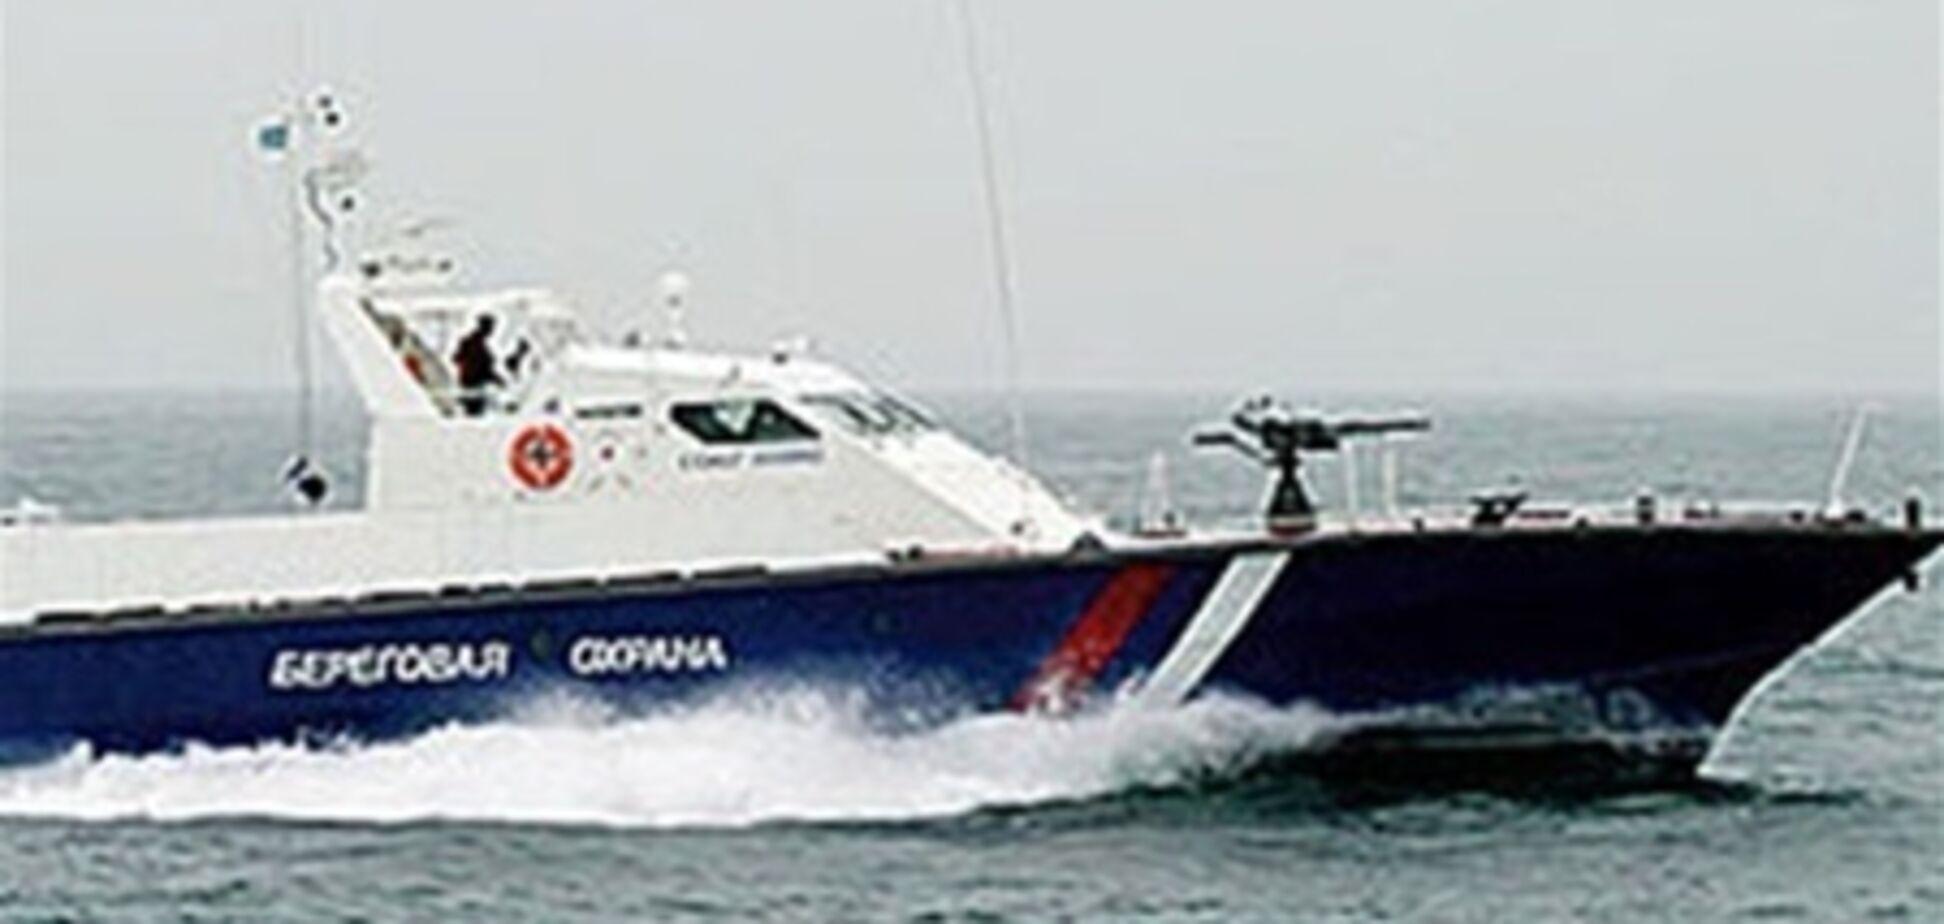 ФСБ: українська човен сама врізалася в катер прикордонної служби Росії